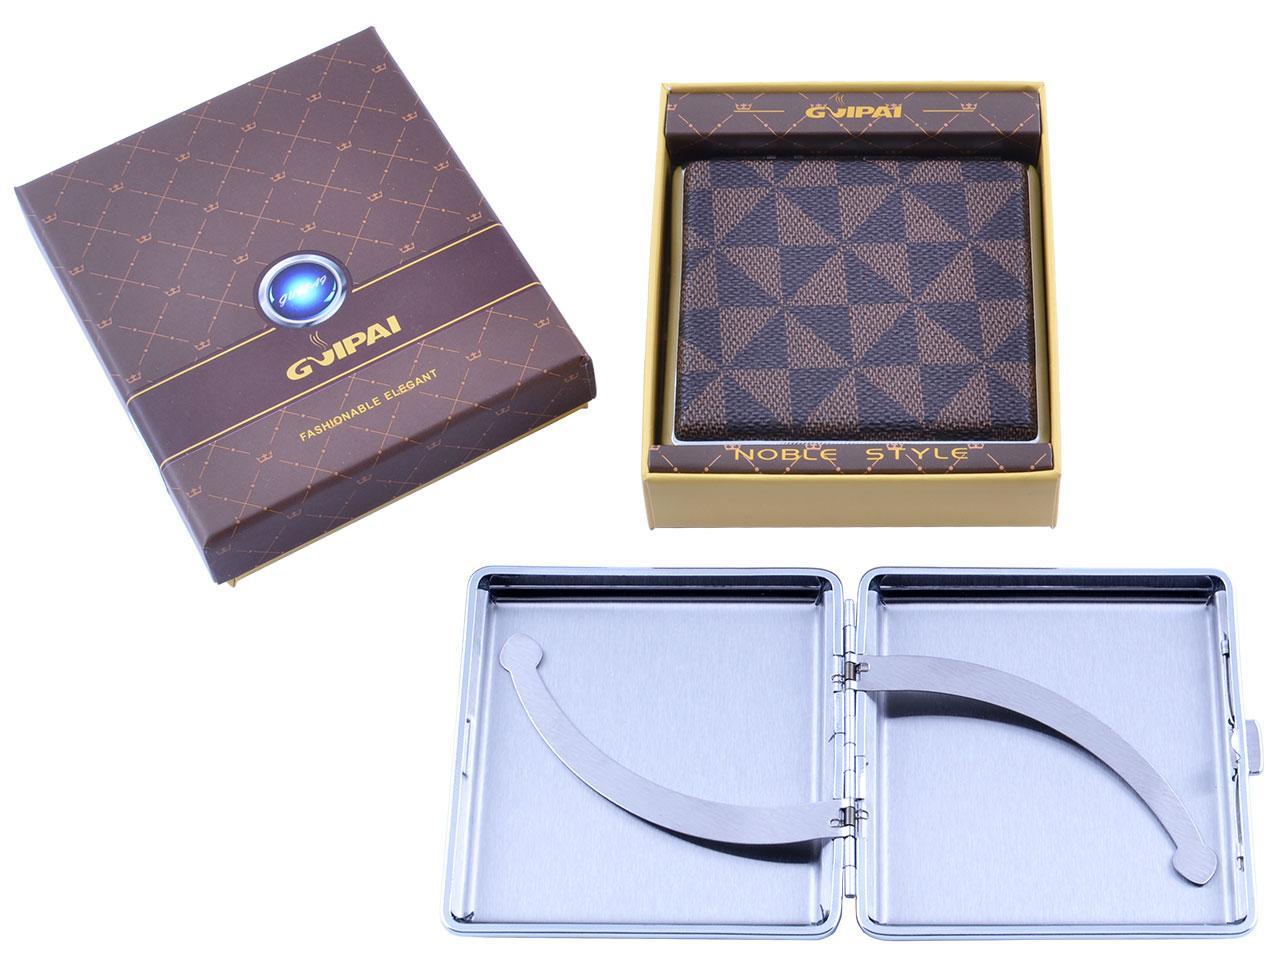 Портсигар металлический компактный подарочный подарок для сигарет компактный  в подарочной упаковке GVIPAI